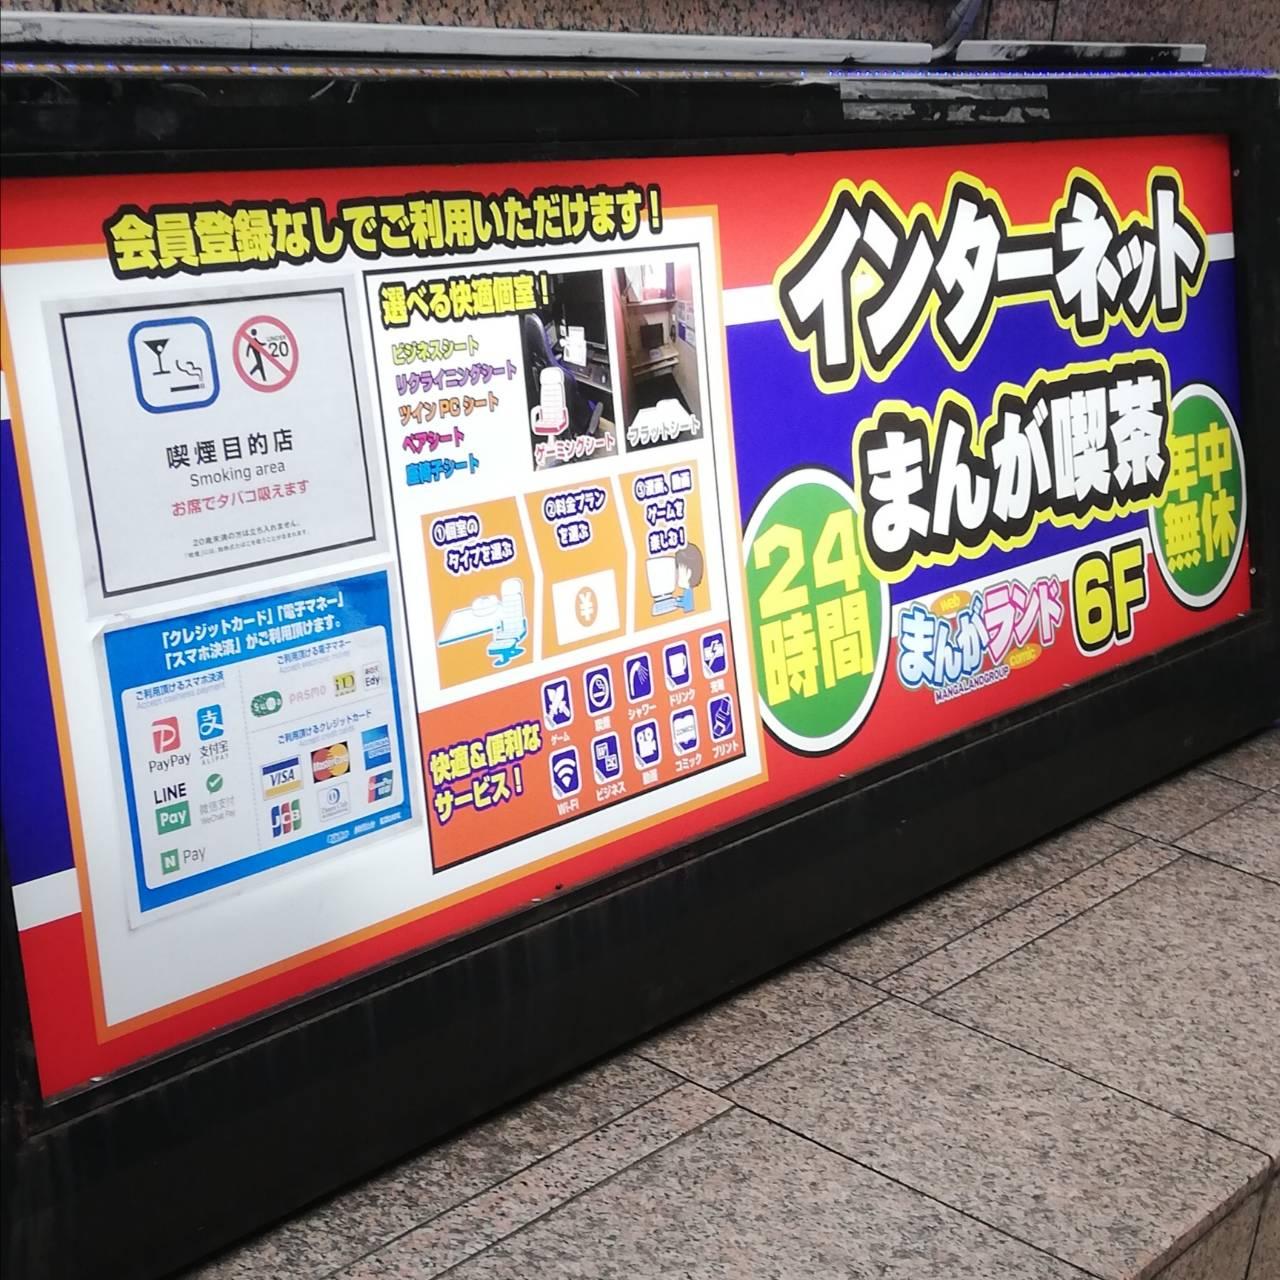 まんがランド松戸店閉店ネットカフェ